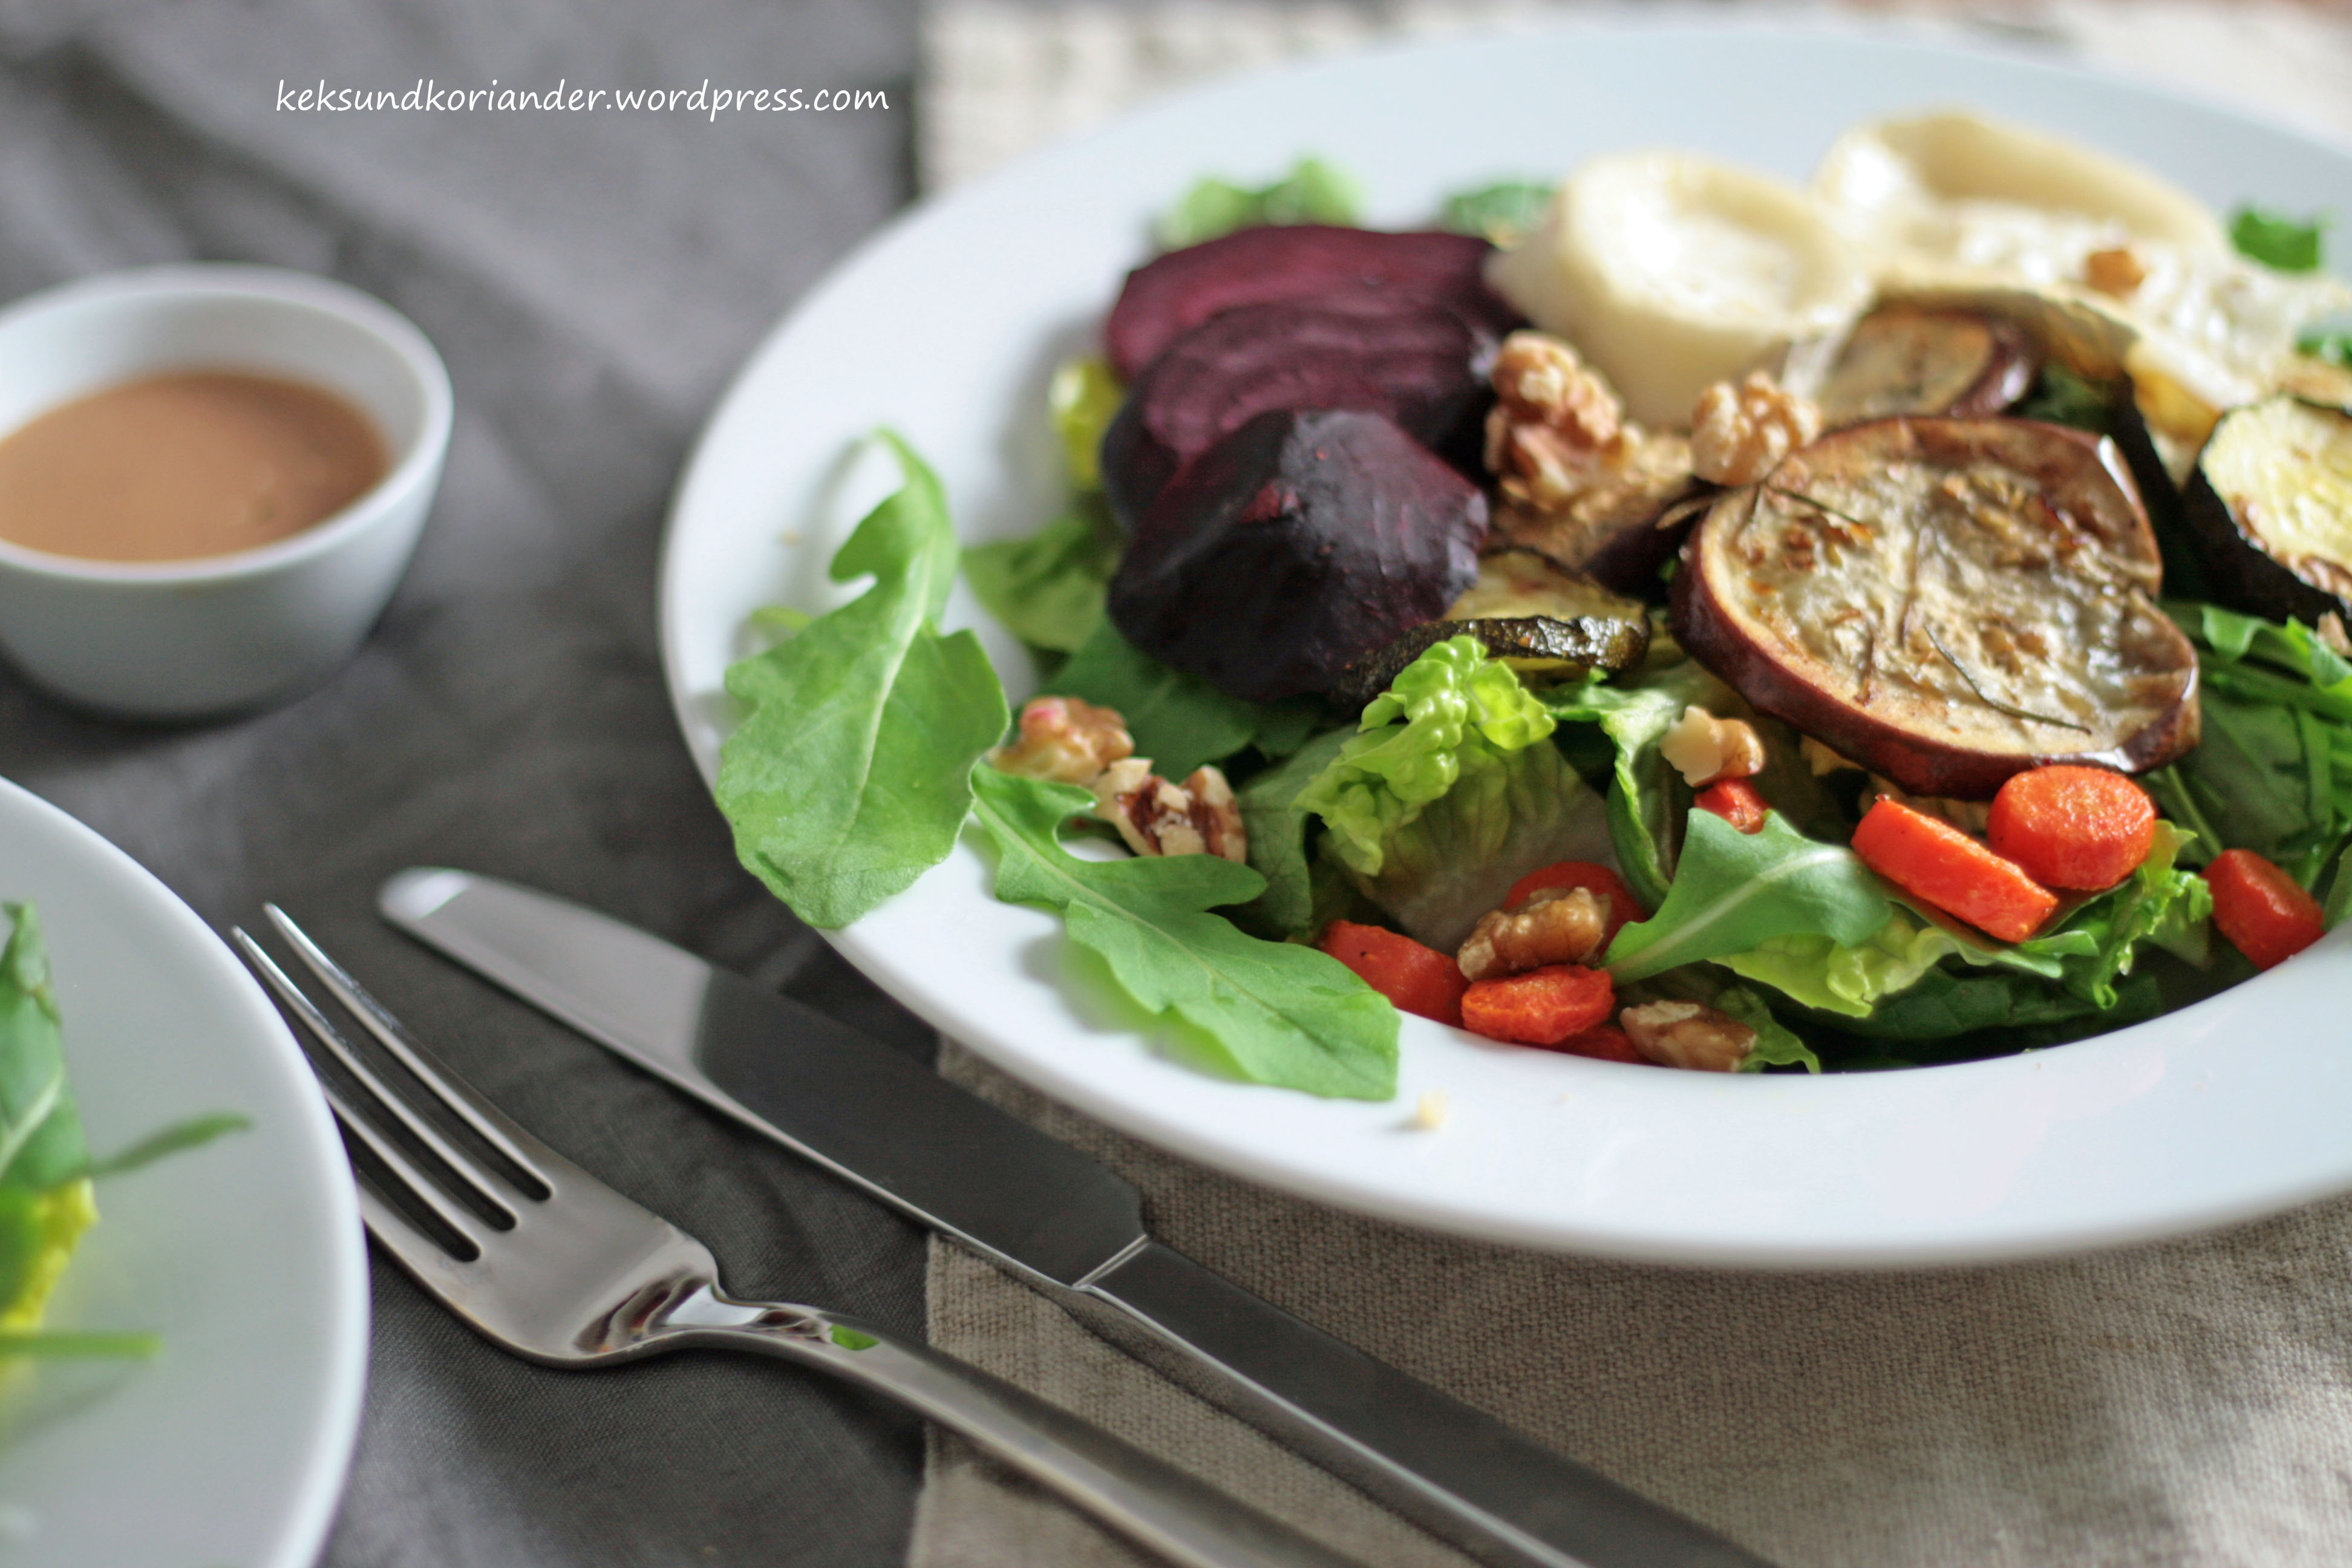 Salat mit Ofengemüse roter Beete Karotten Zucchini Aubergine Rucola und Ziegenkäse Walnüsse